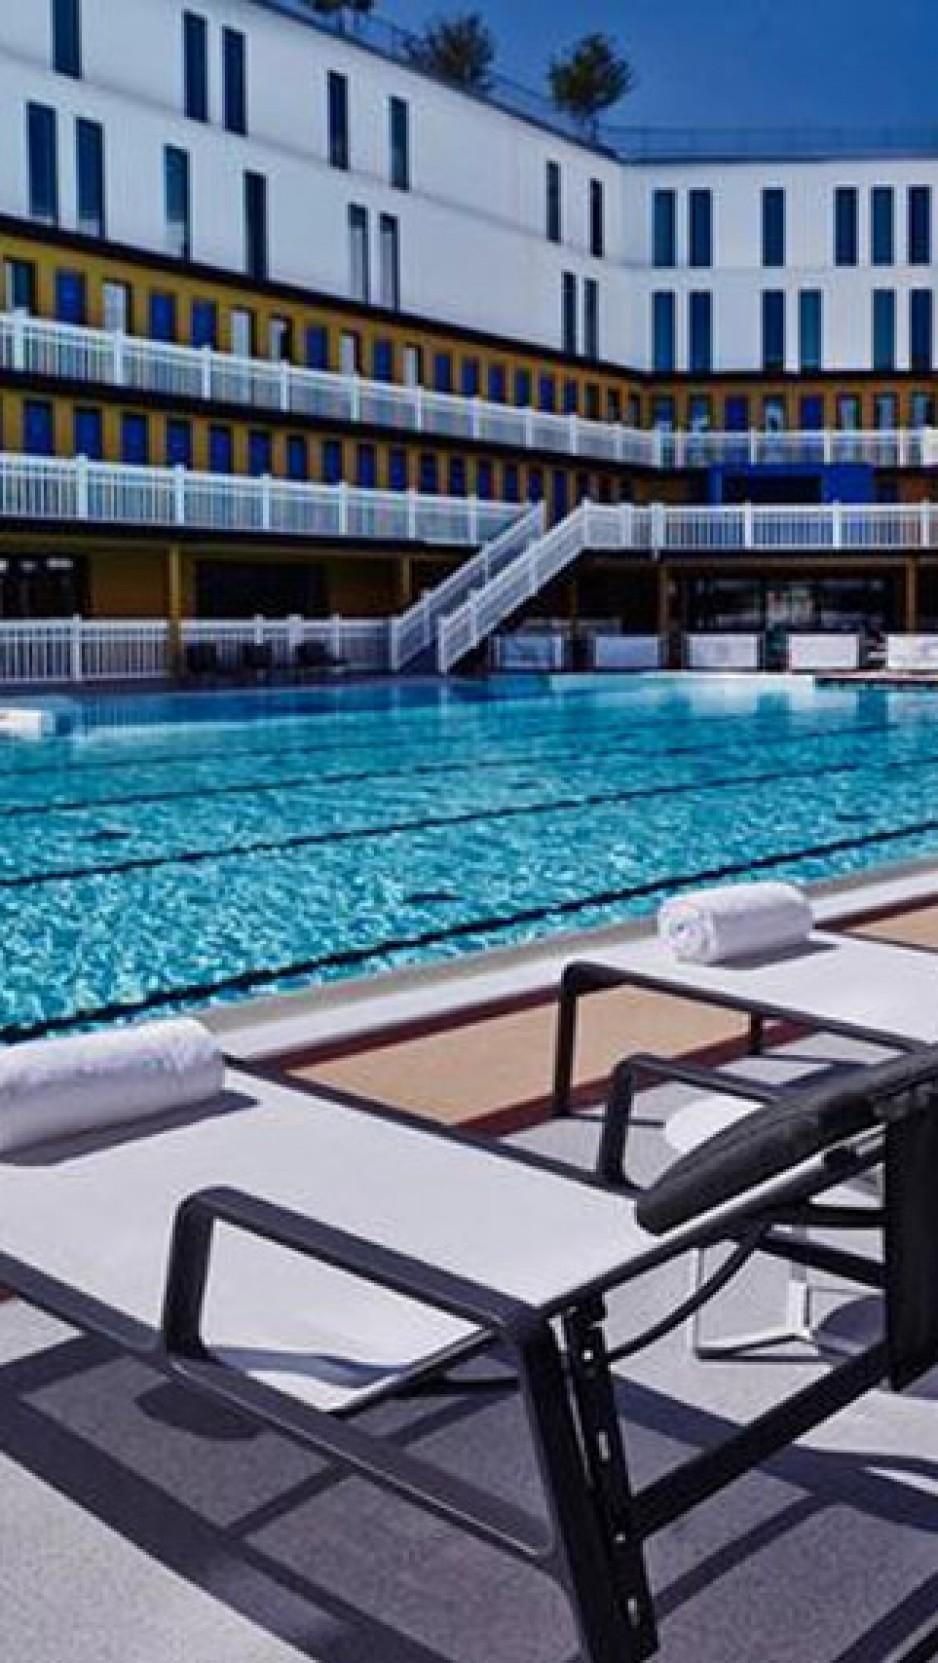 Day use rooms hotels wellness center spa la louvi re for Piscine la louviere